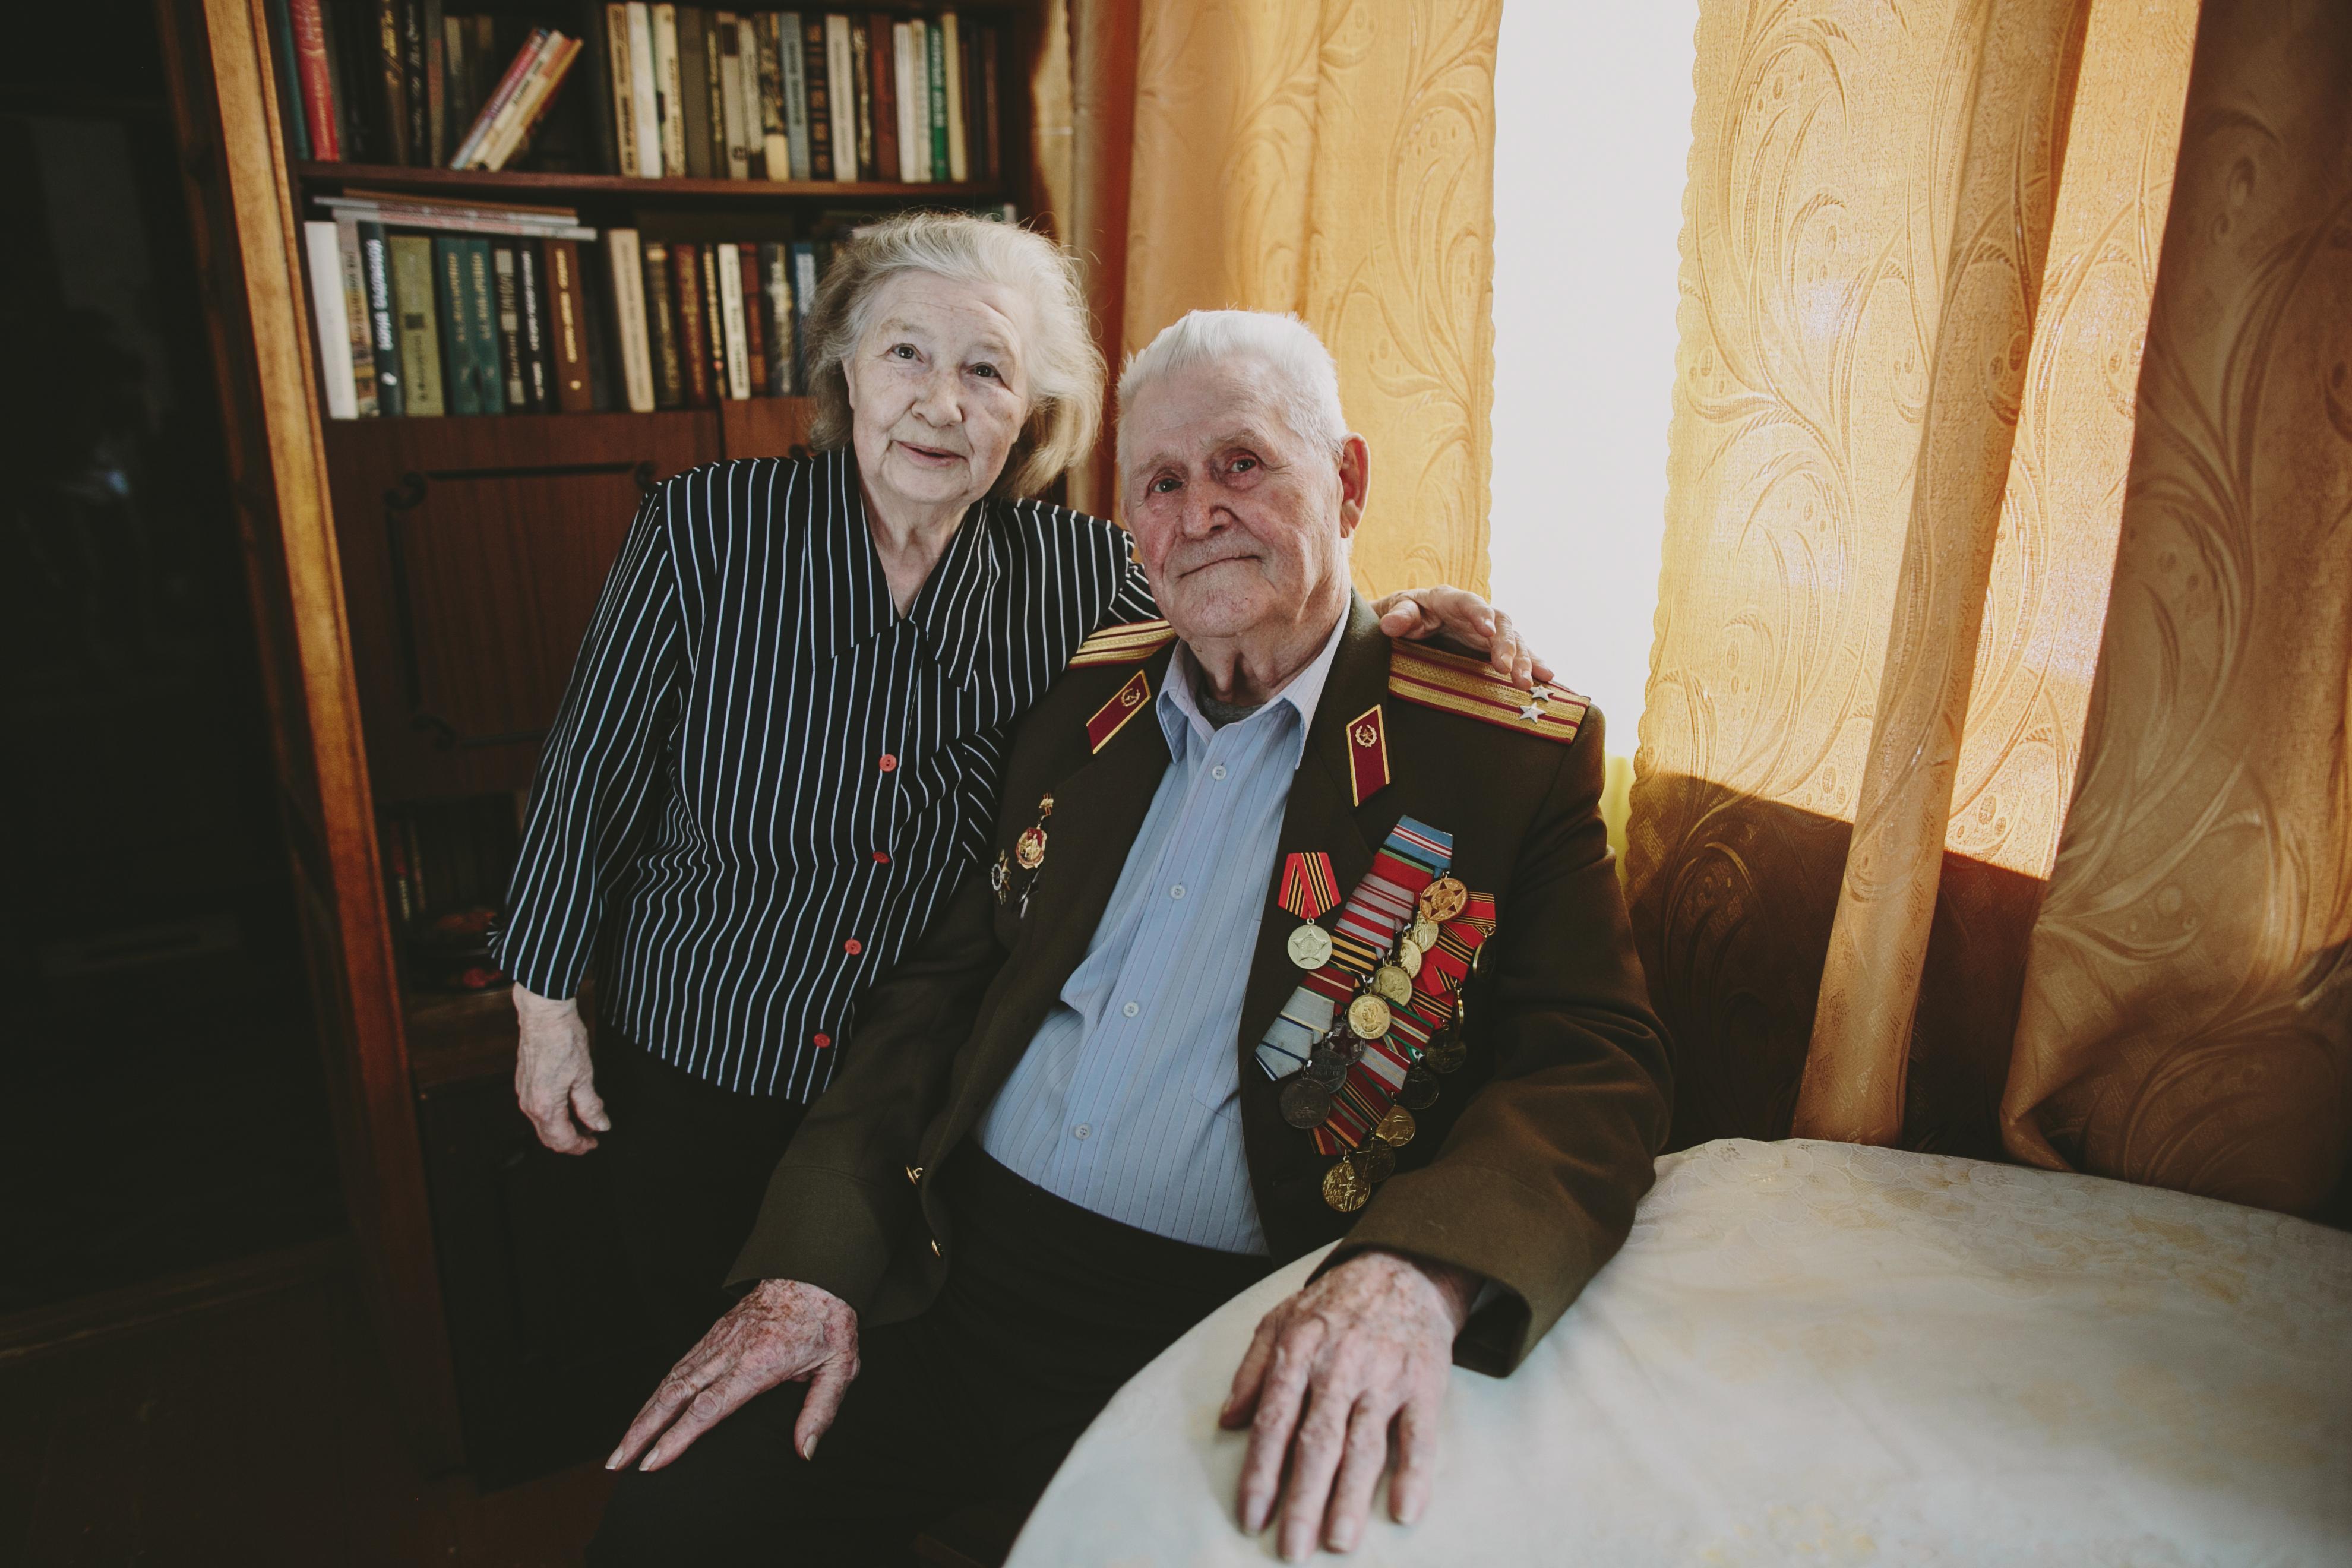 Поздравь ветерана, а не ставь ему «лайк». В Доме печати открылась выставка «Живые легенды»